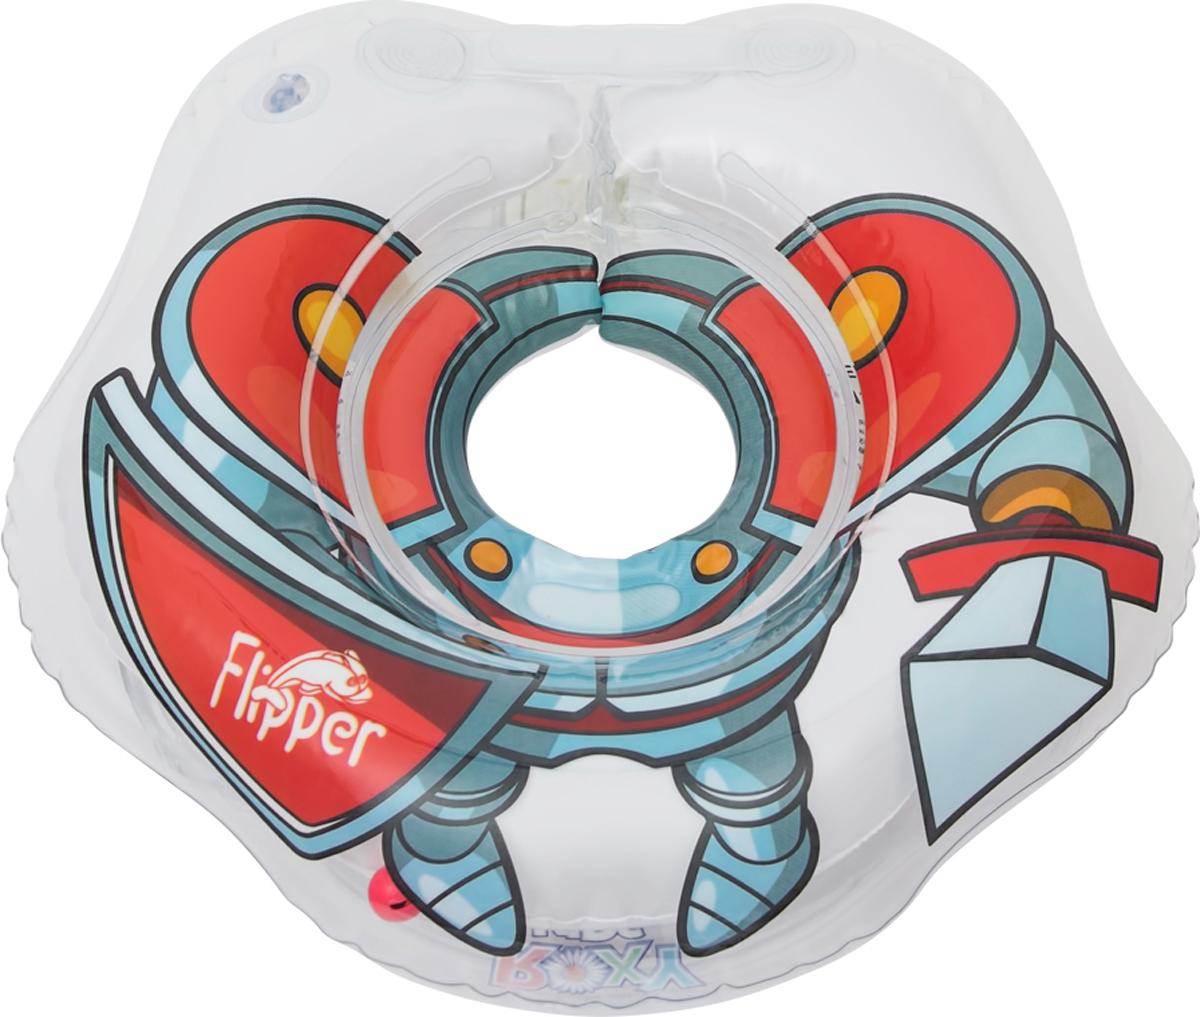 Roxy-kids Круг для купания Flipper Рыцарь круг для купания младенцев flipper отзывы